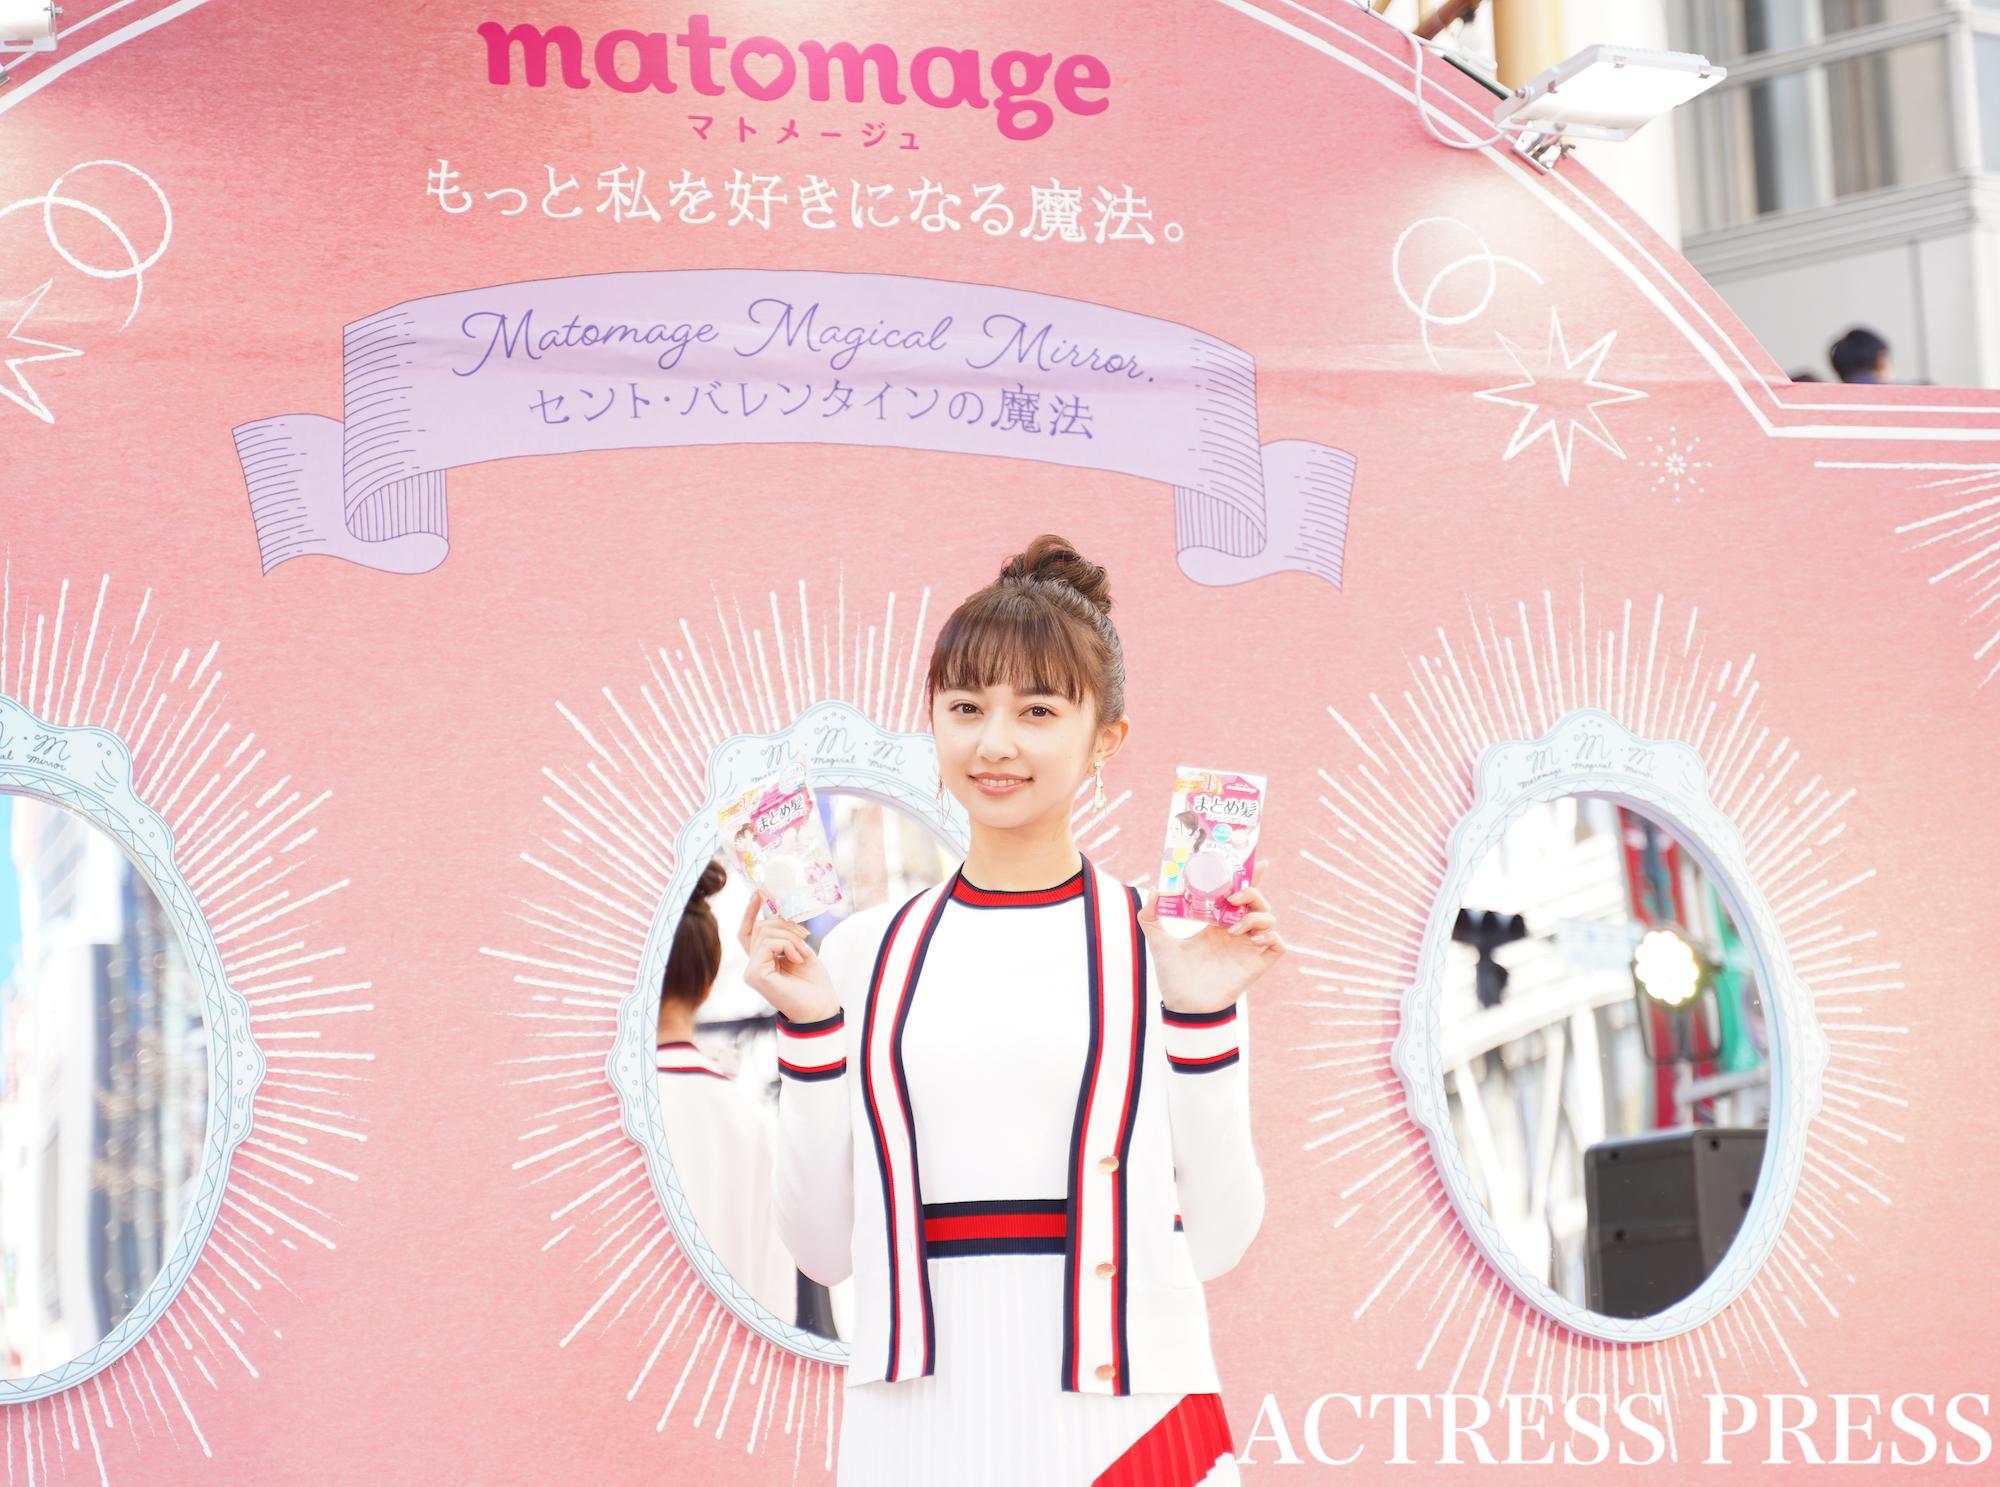 小宮有紗/2020年2月8日(土)、渋谷「109」にて開催された「Matomage Magical Mirror セント・バレンタインの魔法」にて/撮影:ACTRESS PRESS編集部